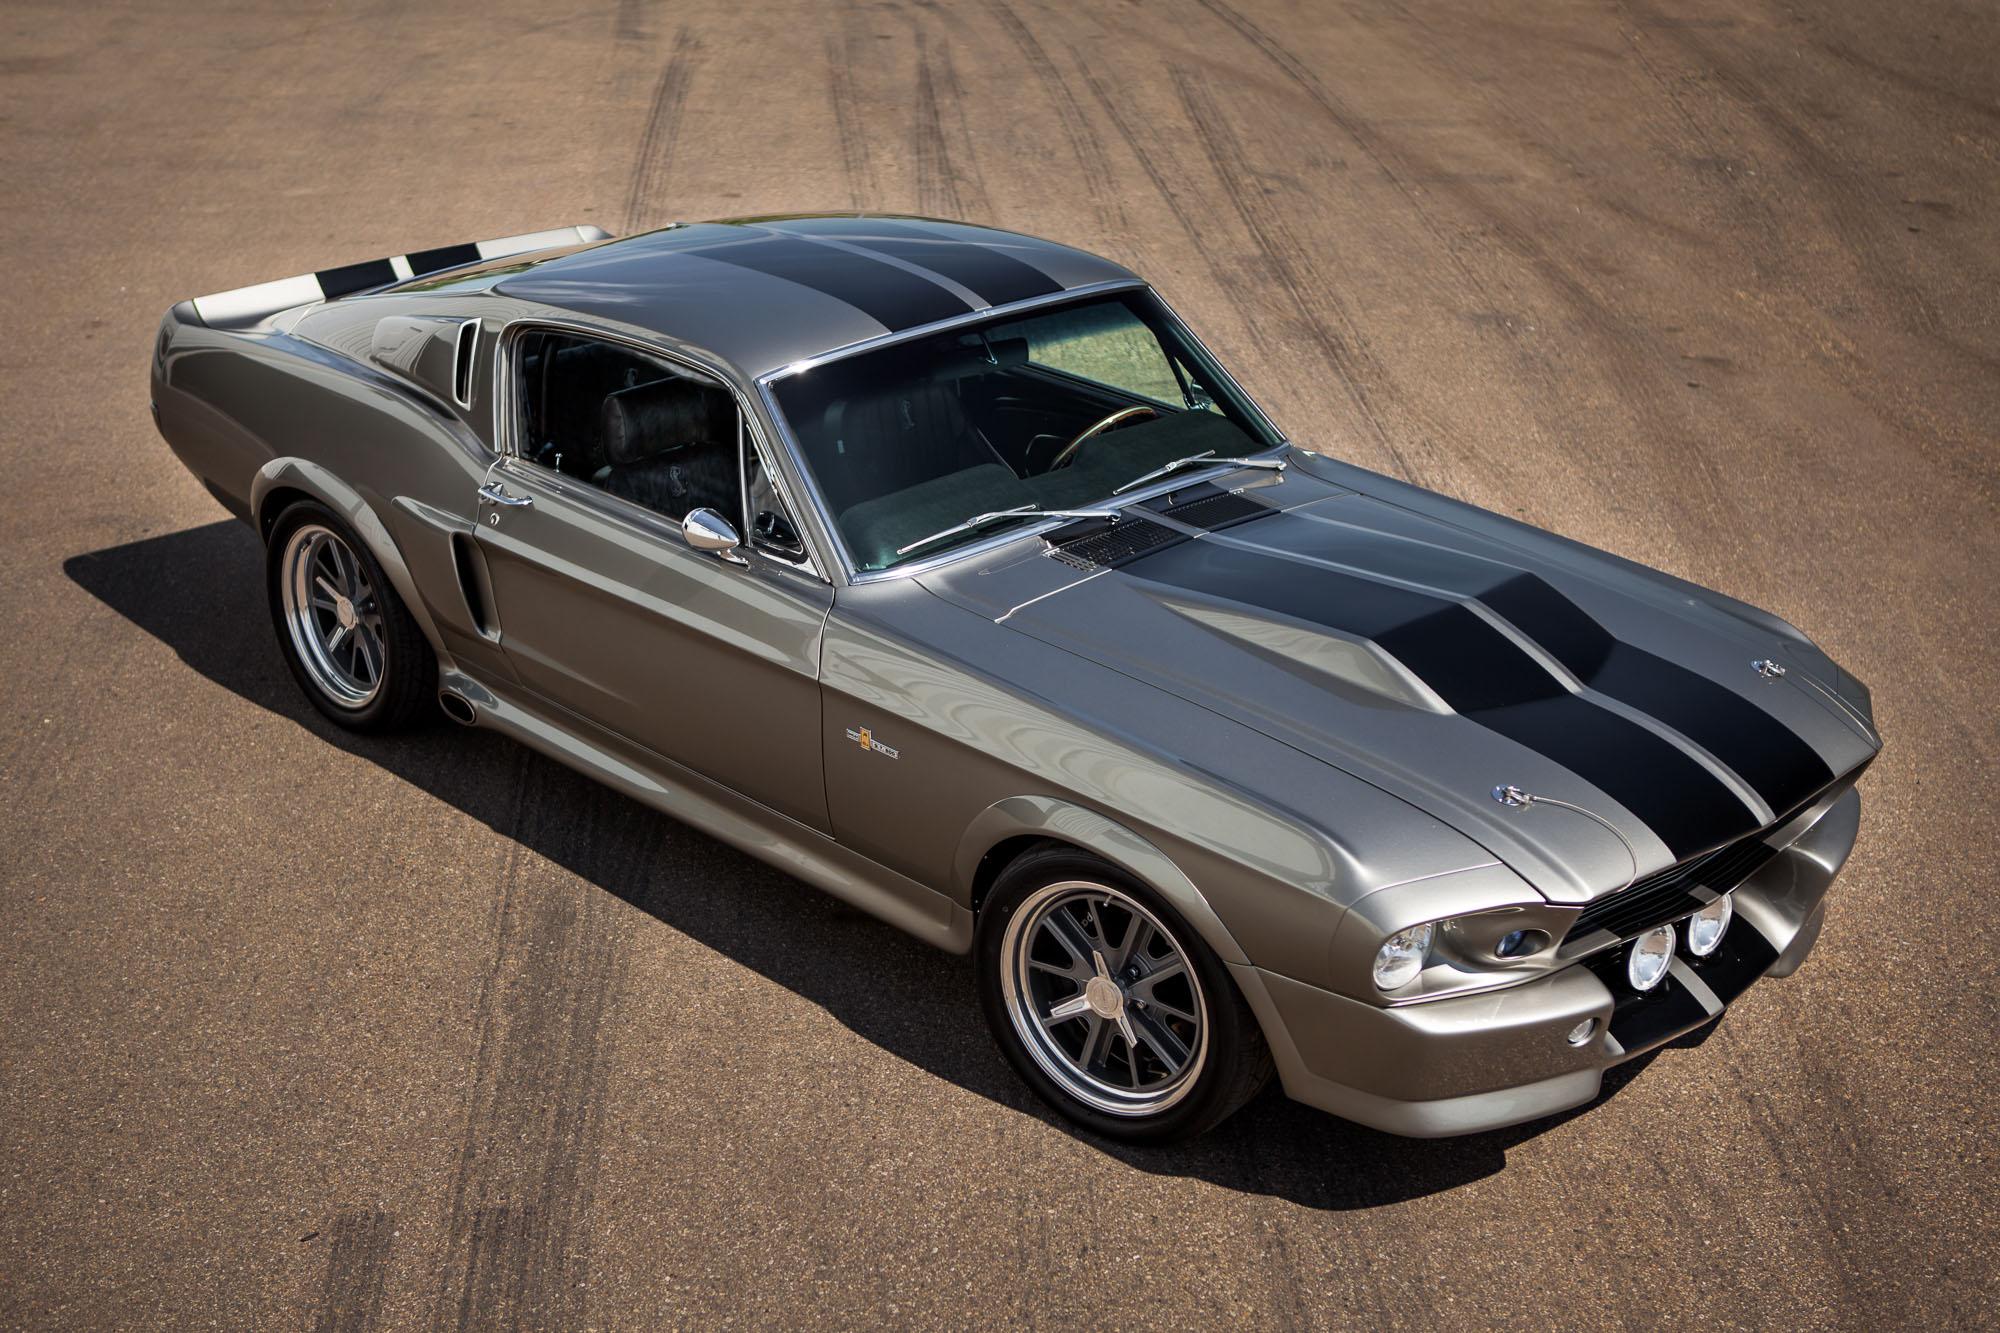 1967 Elanor Mustang - The Iron Garage